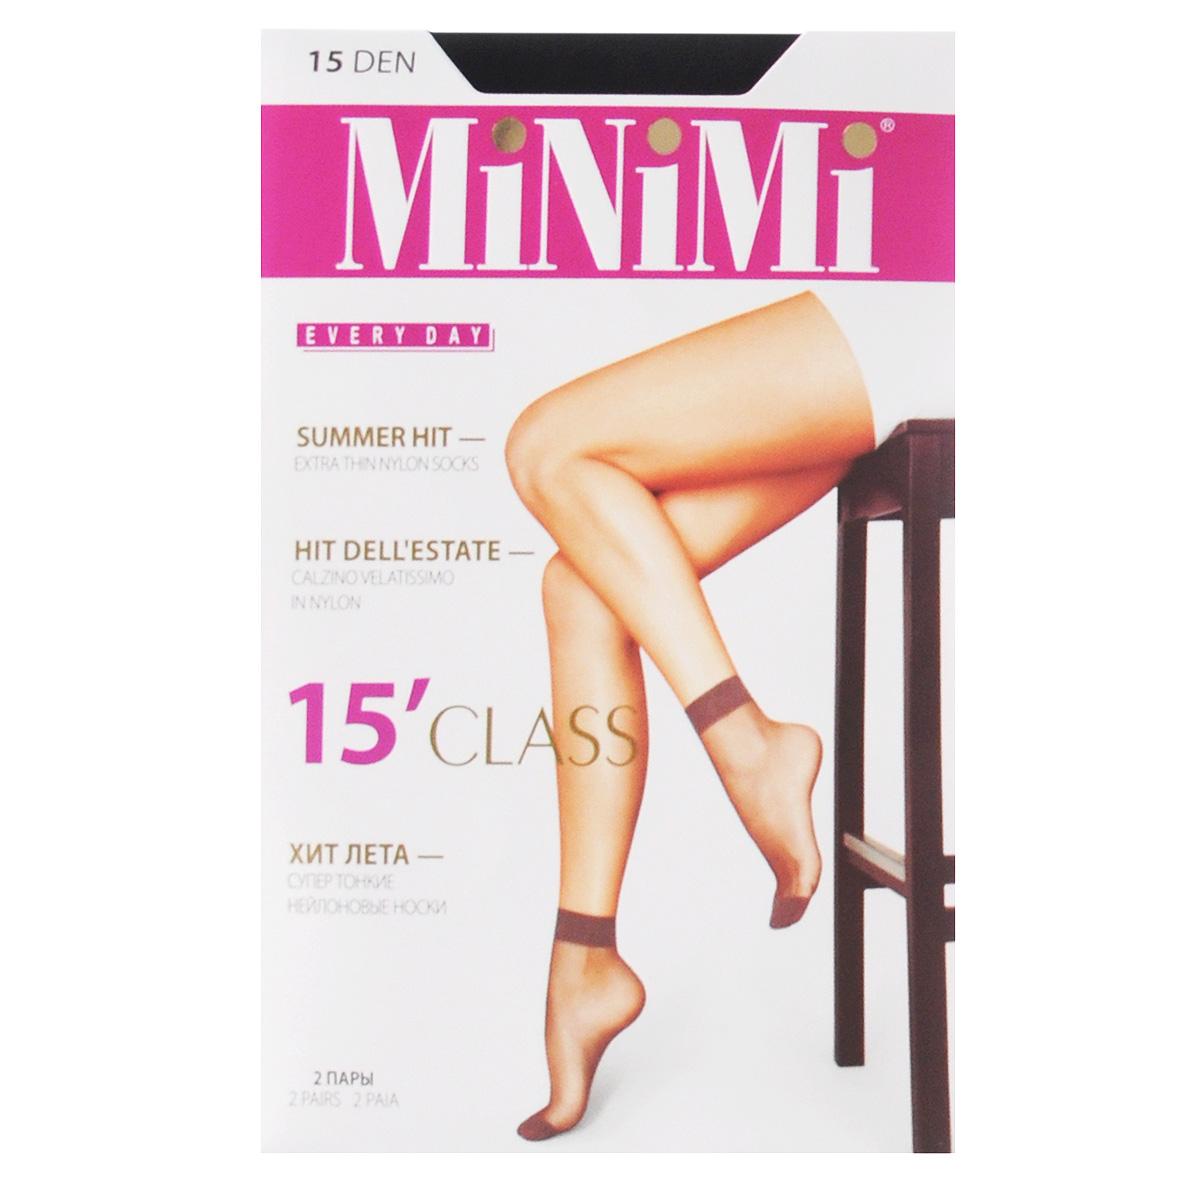 Носки женские Minimi Class 15, 2 пары, цвет: Nero (черный). Размер универсальный носки 2 пары 20 den intreccio цвет черный